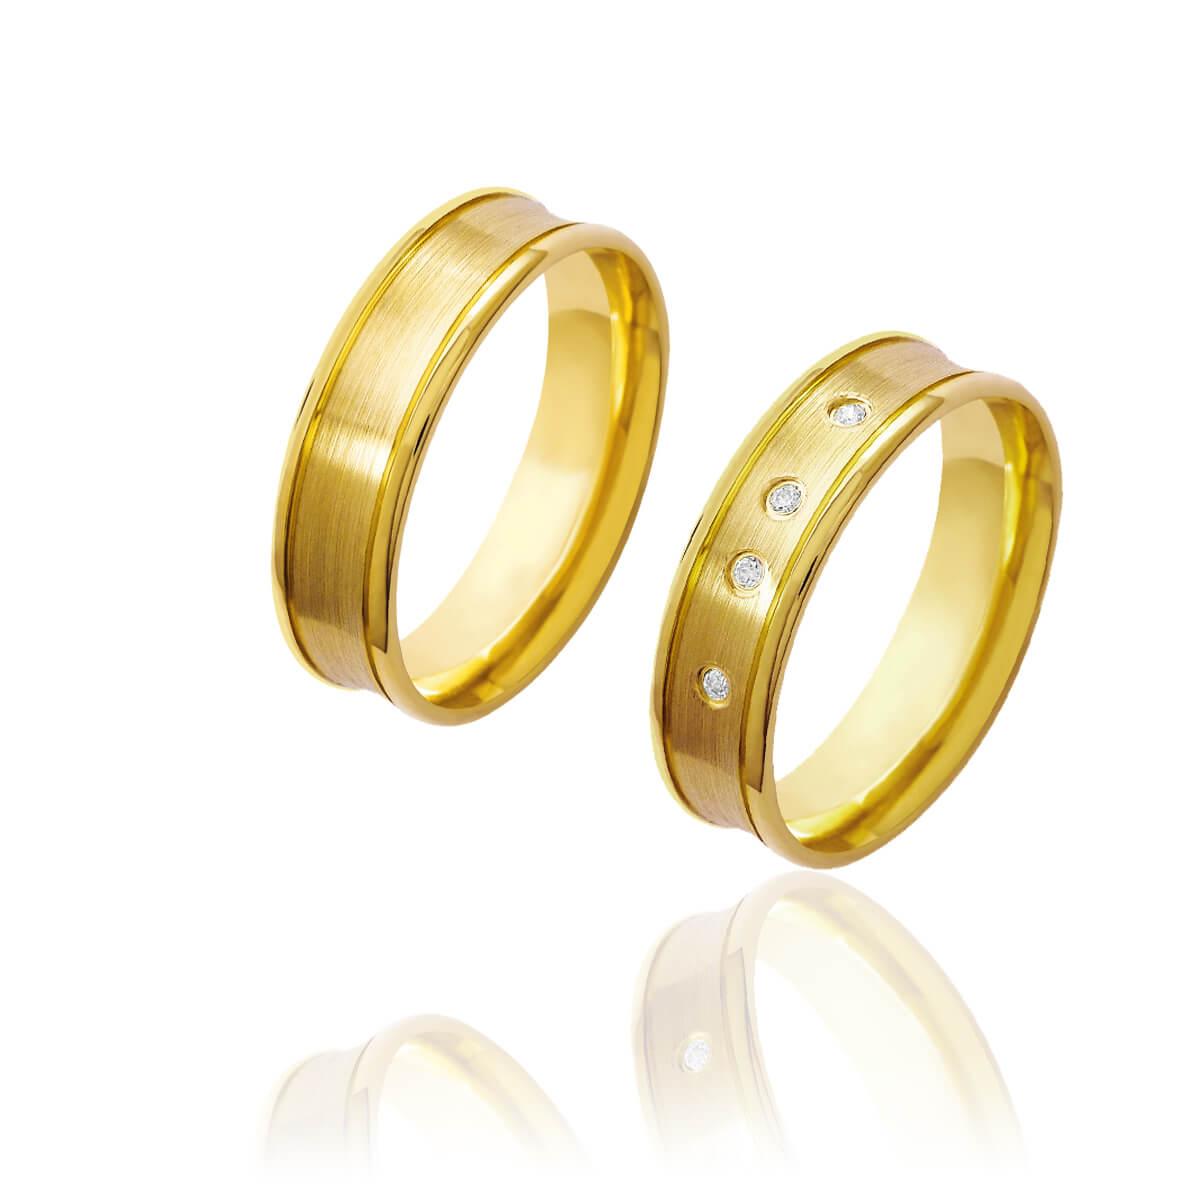 Par de Alianças de Casamento Afrodite Ouro 18k Diamantado com Centro Côncavo e Brilhantes 6mm 6g